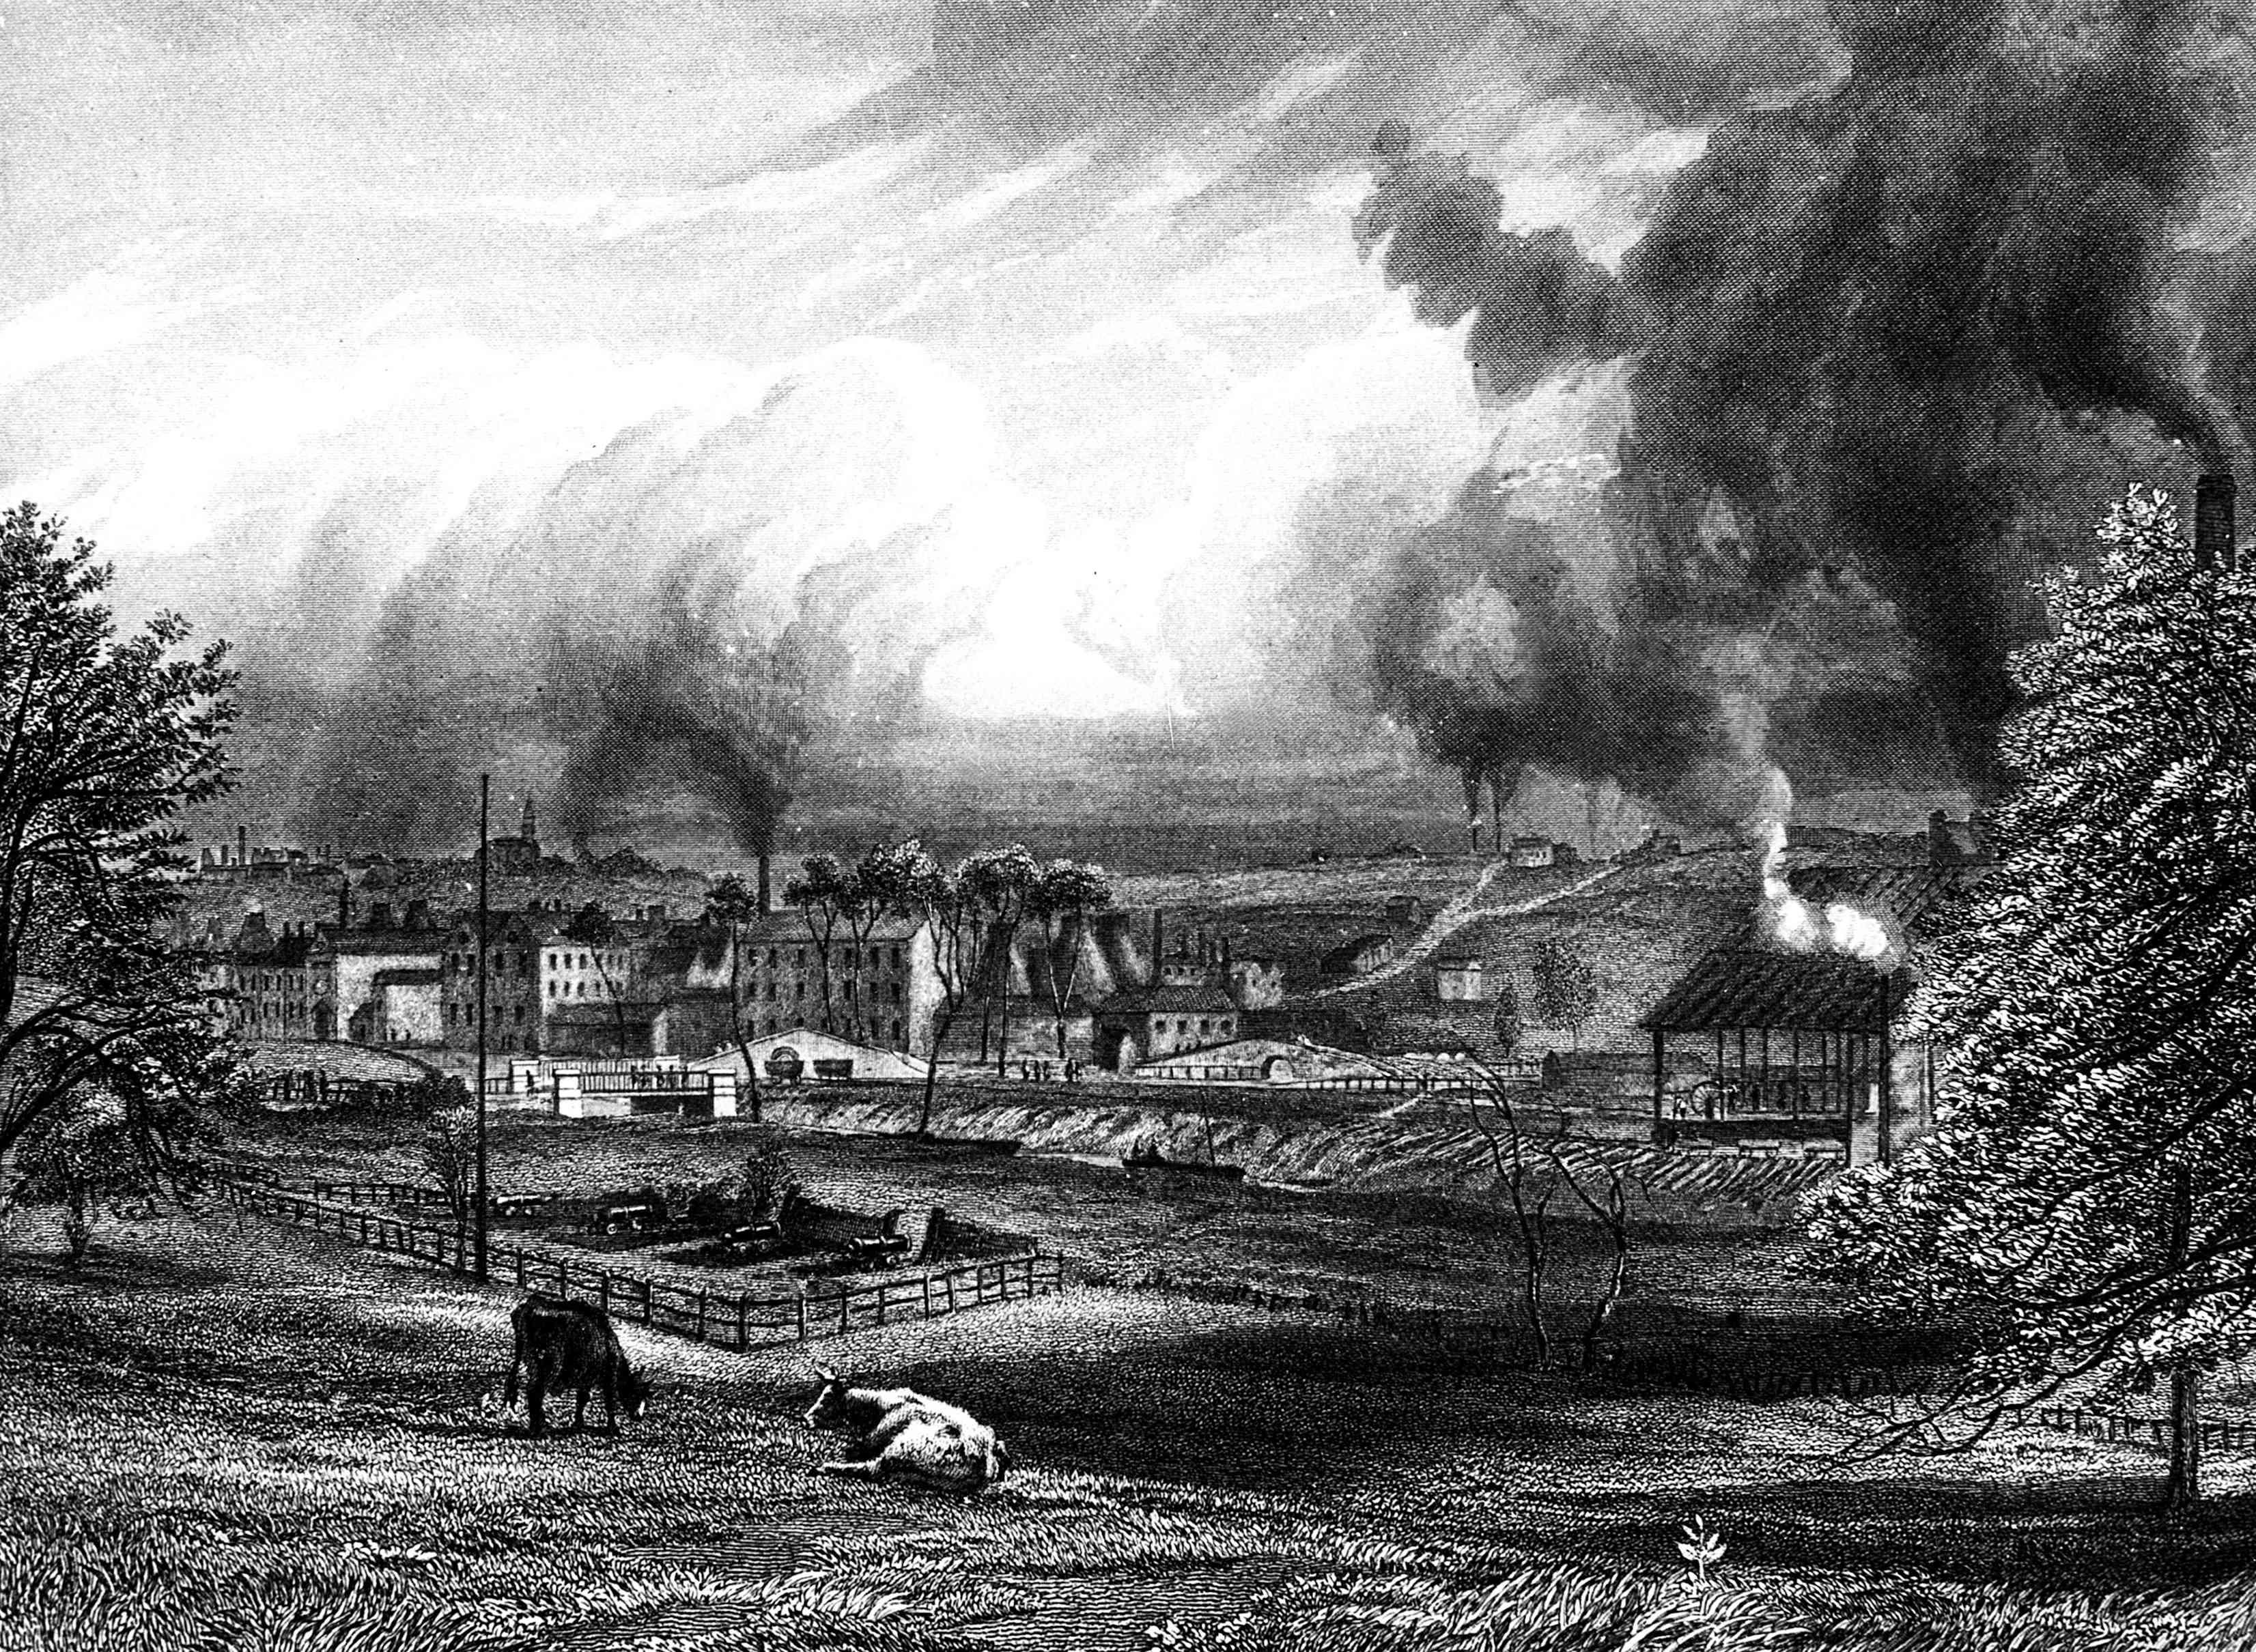 Wedgwood Etruria Factory, ca 1753